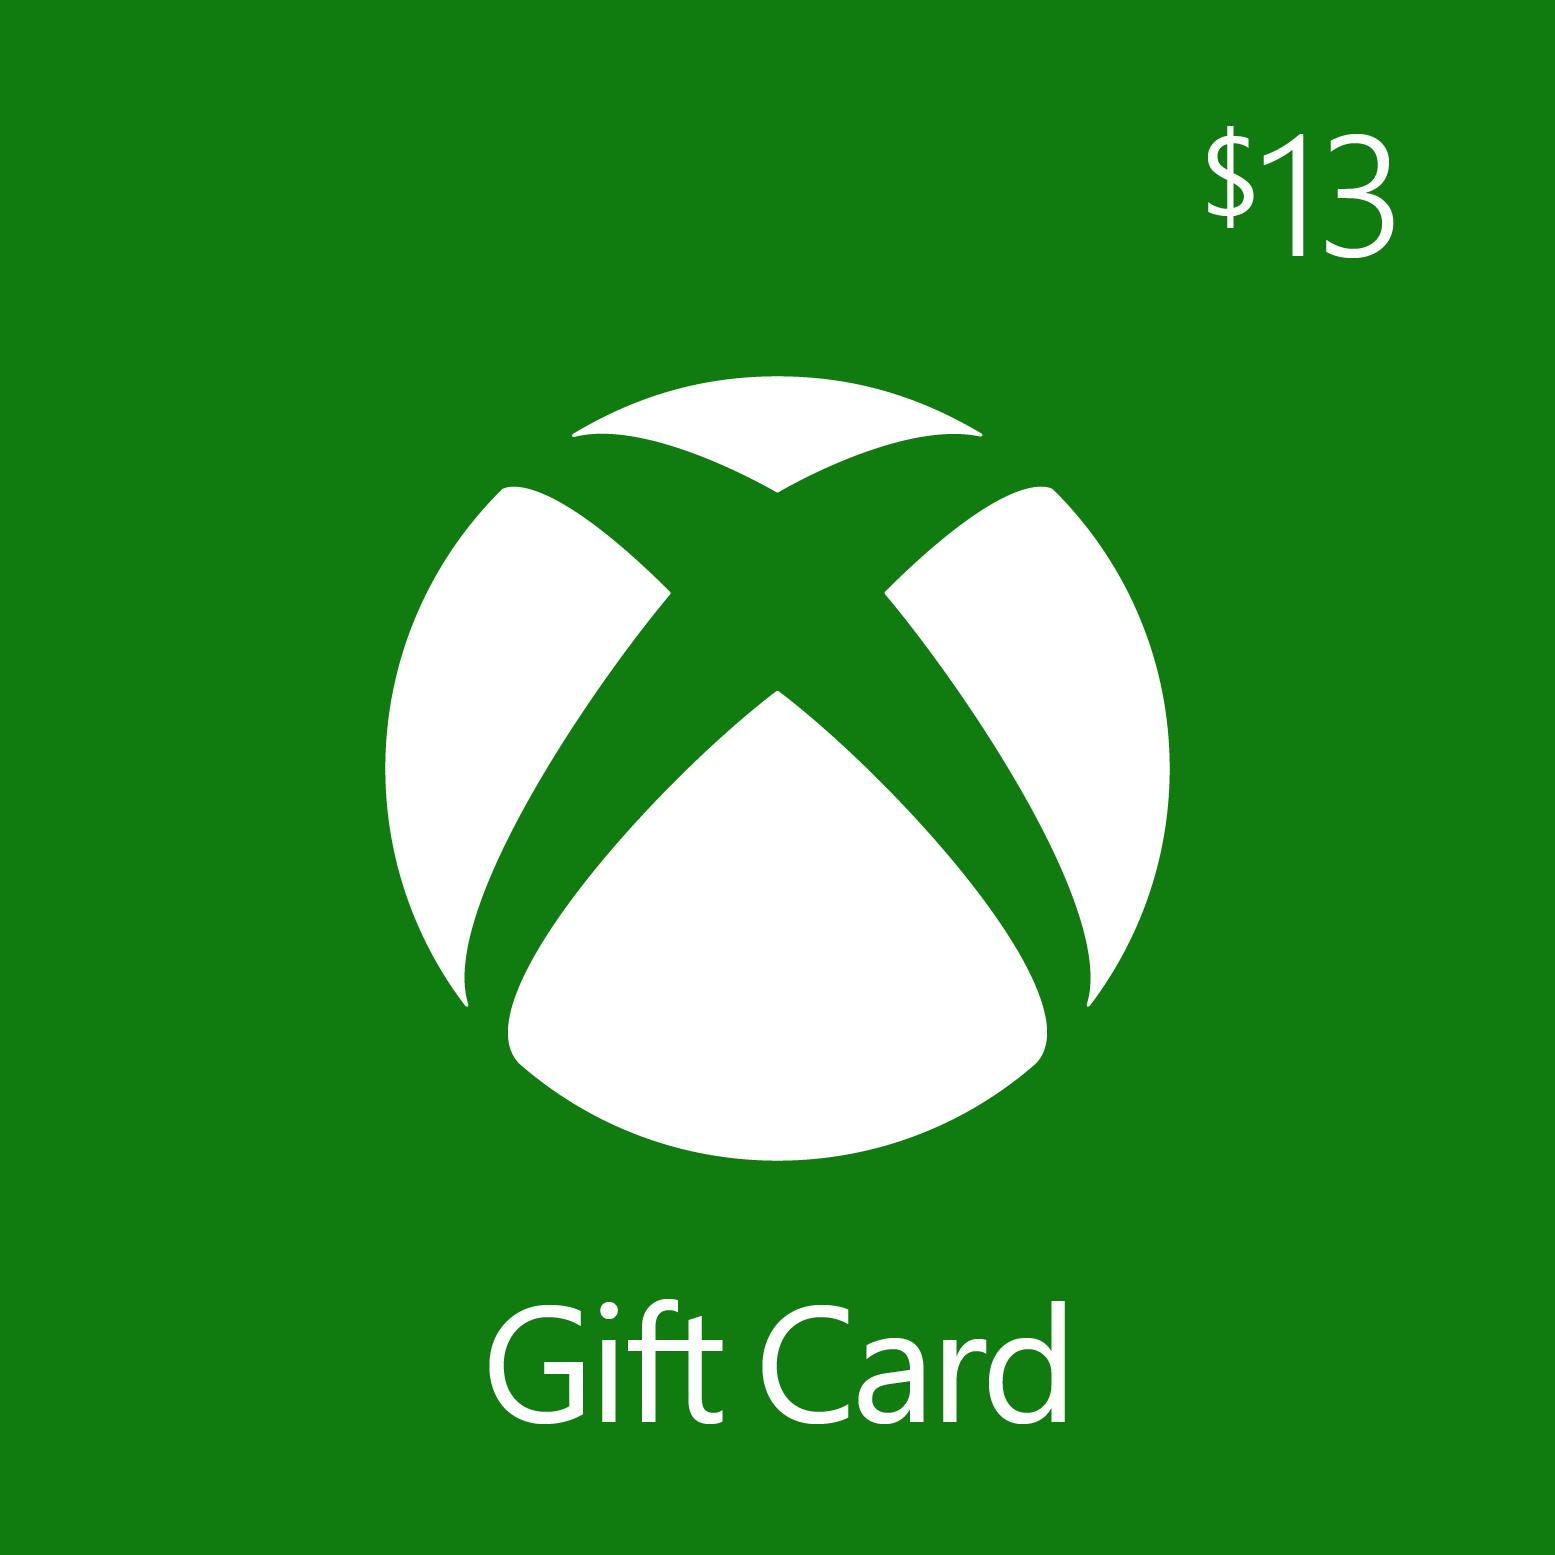 $13.00 Xbox Digital Gift Card